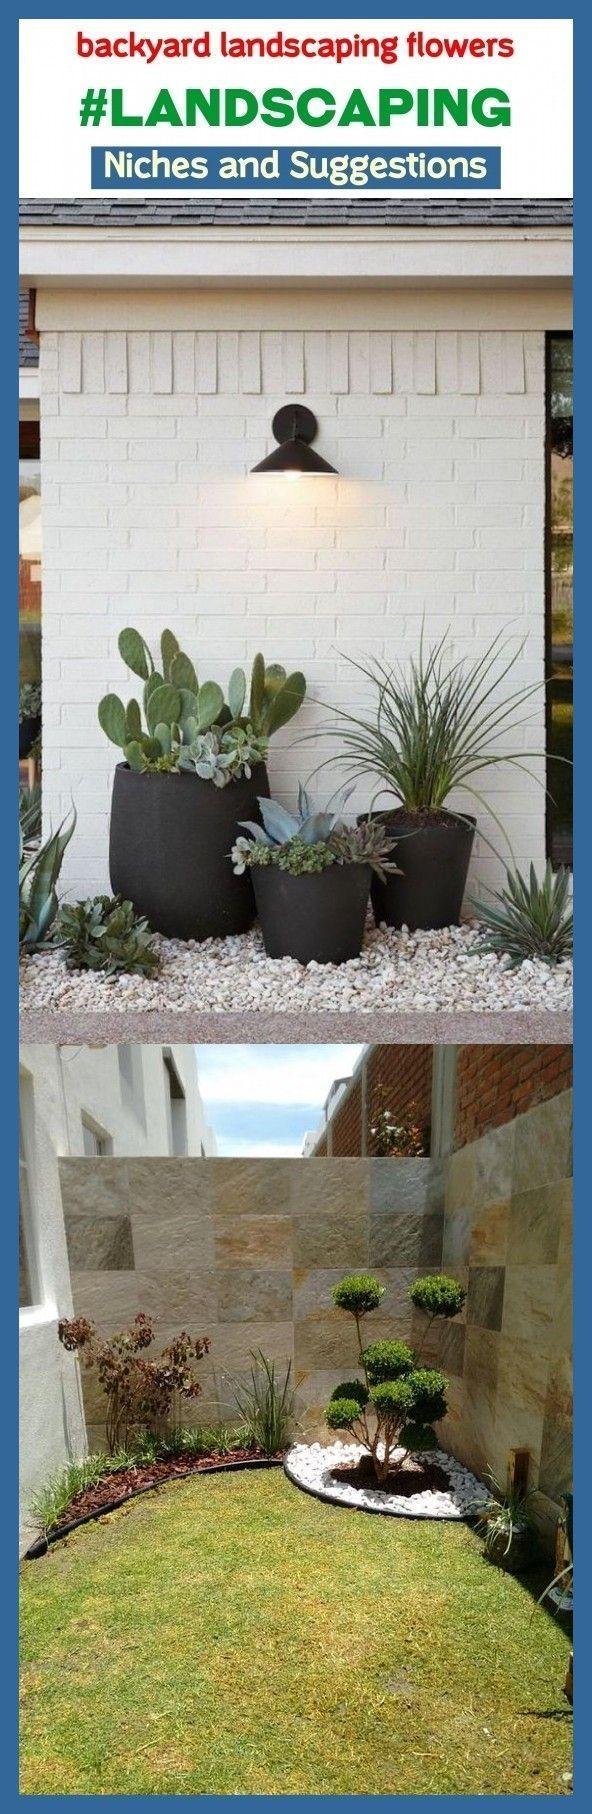 Hinterhof Landschaftsbau Blumen # Landschaftsbau # Schlüsselwörter #Nischen #seo #Gärten. backy ...   - fence - #backy #Blumen #fence #Gärten #hinterhof #Landschaftsbau #Nischen #Schlüsselwörter #seo #vorgartenideen